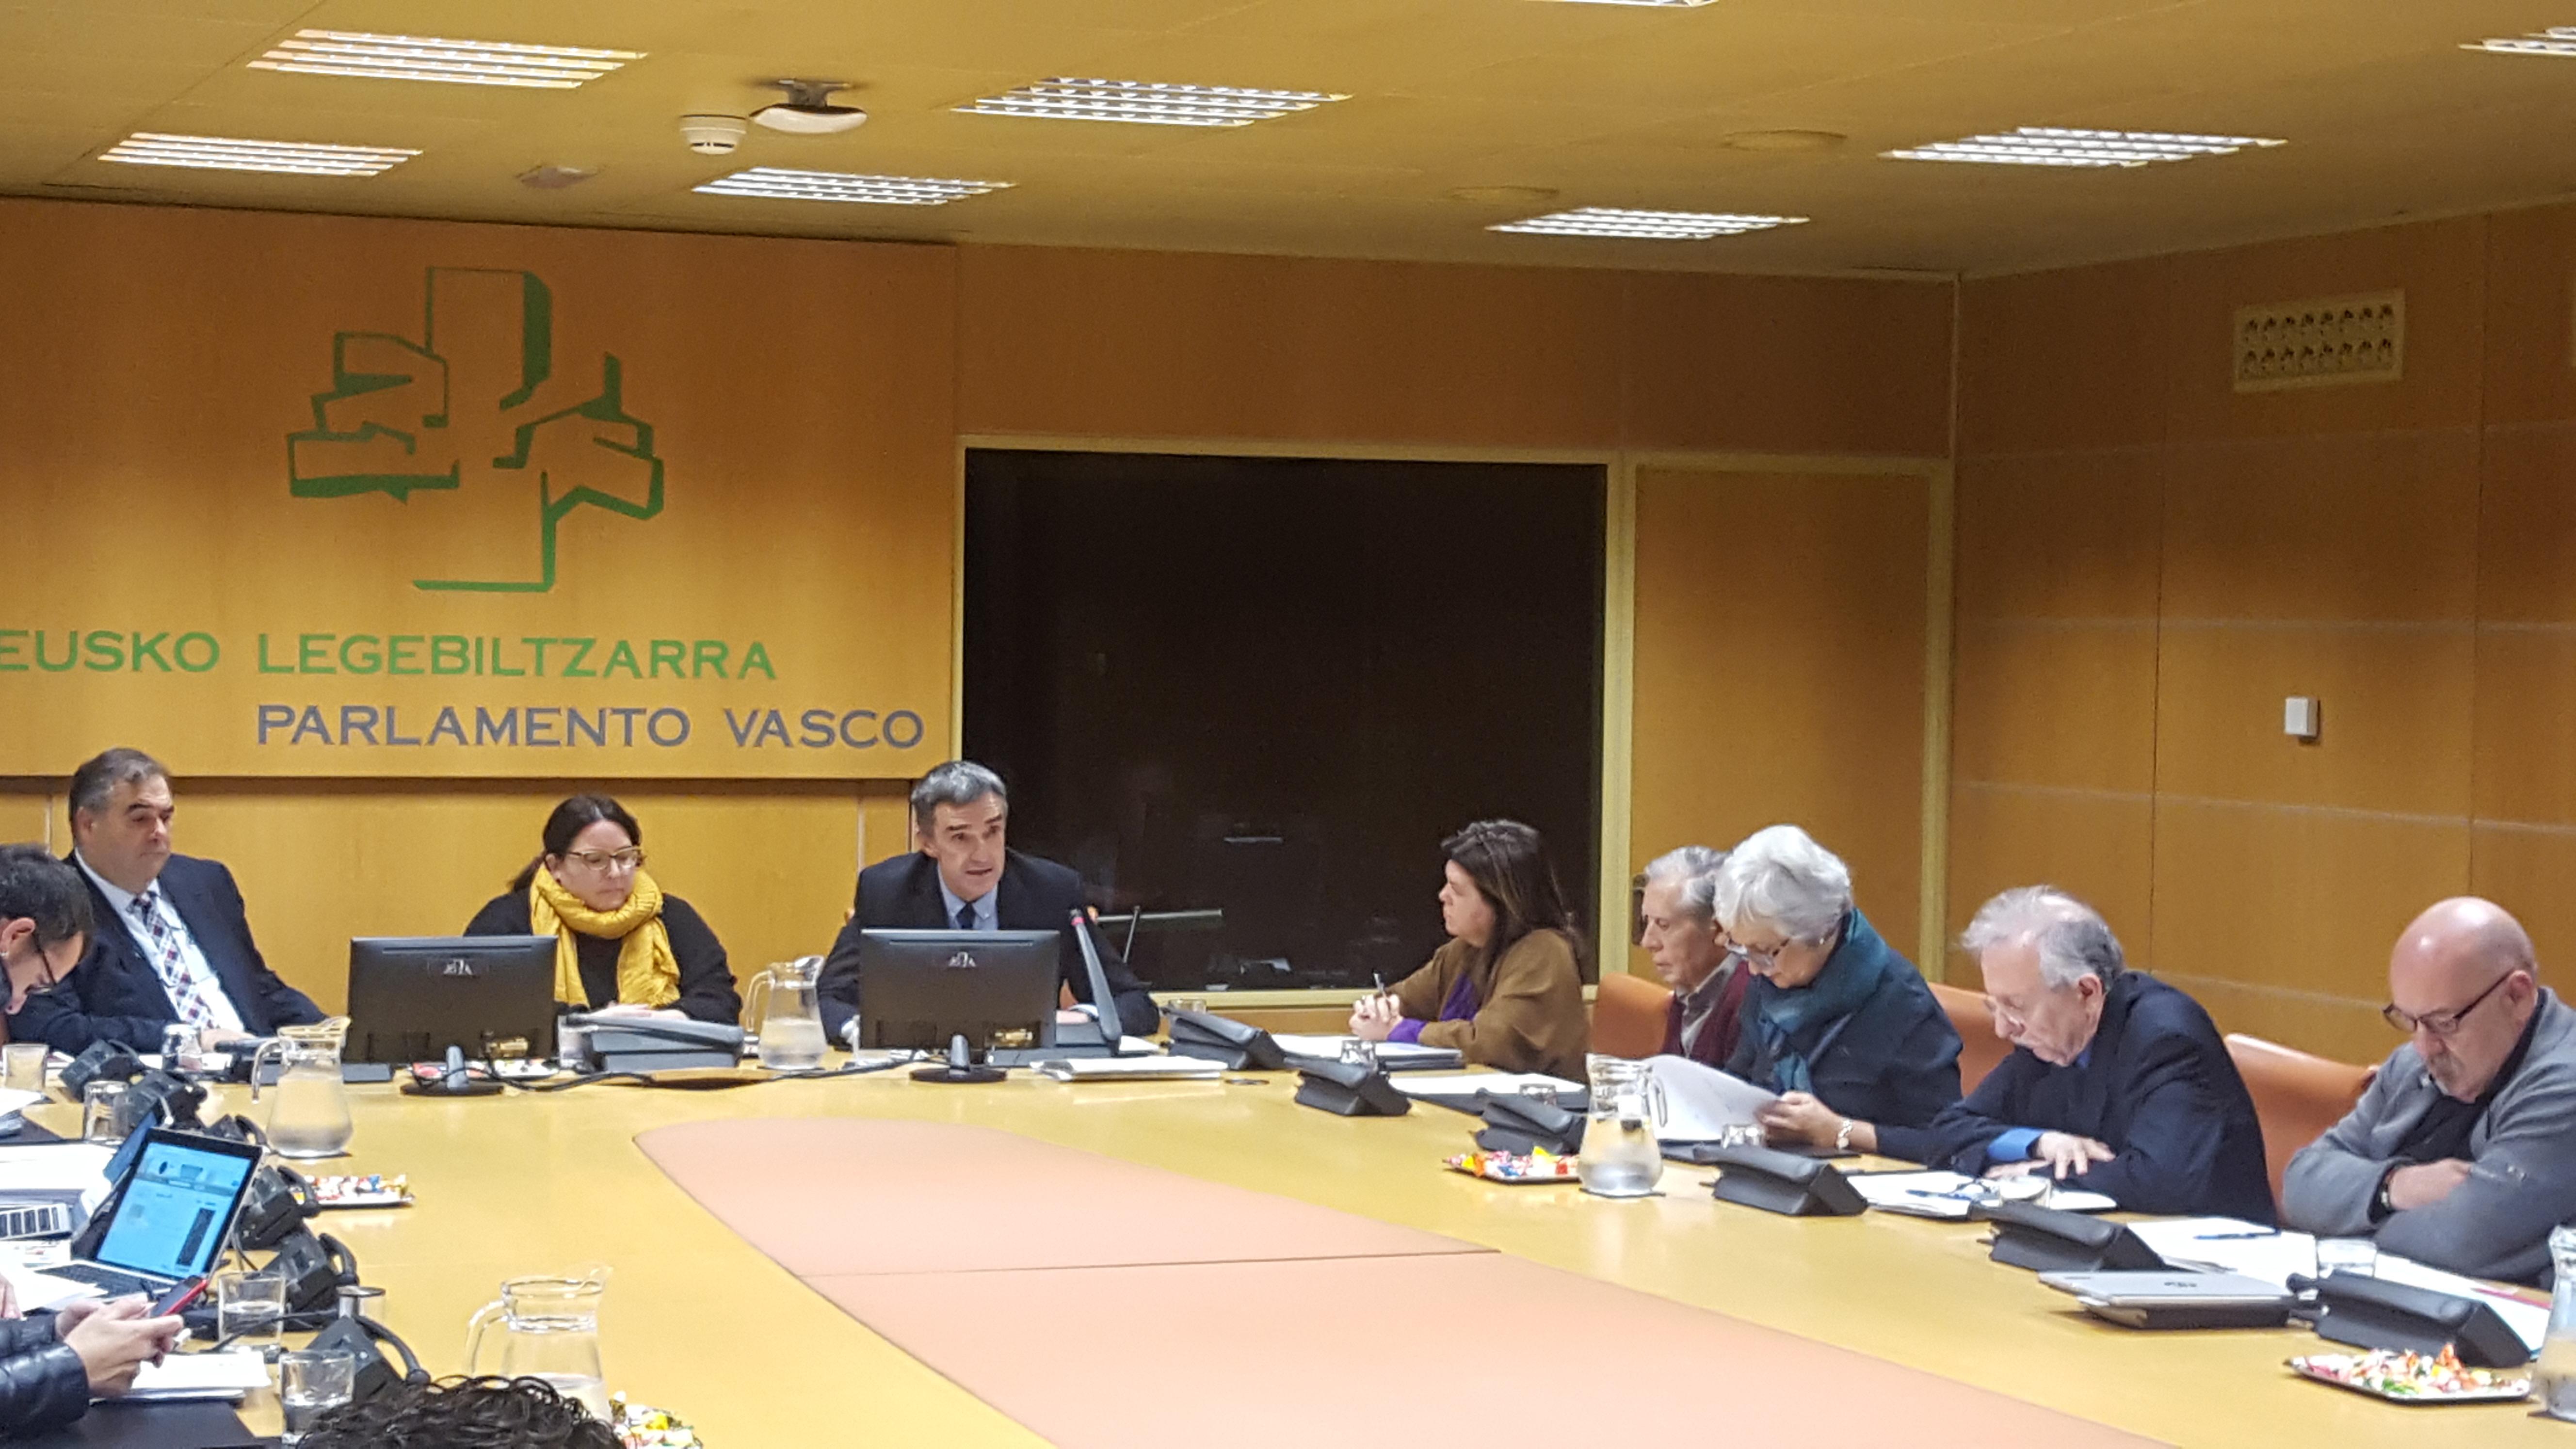 """El Gobierno Vasco presenta en el Parlamento los materiales del programa educativo """"Herenegun!"""" sobre la memoria reciente de Euskadi, para la asignatura de Historia"""